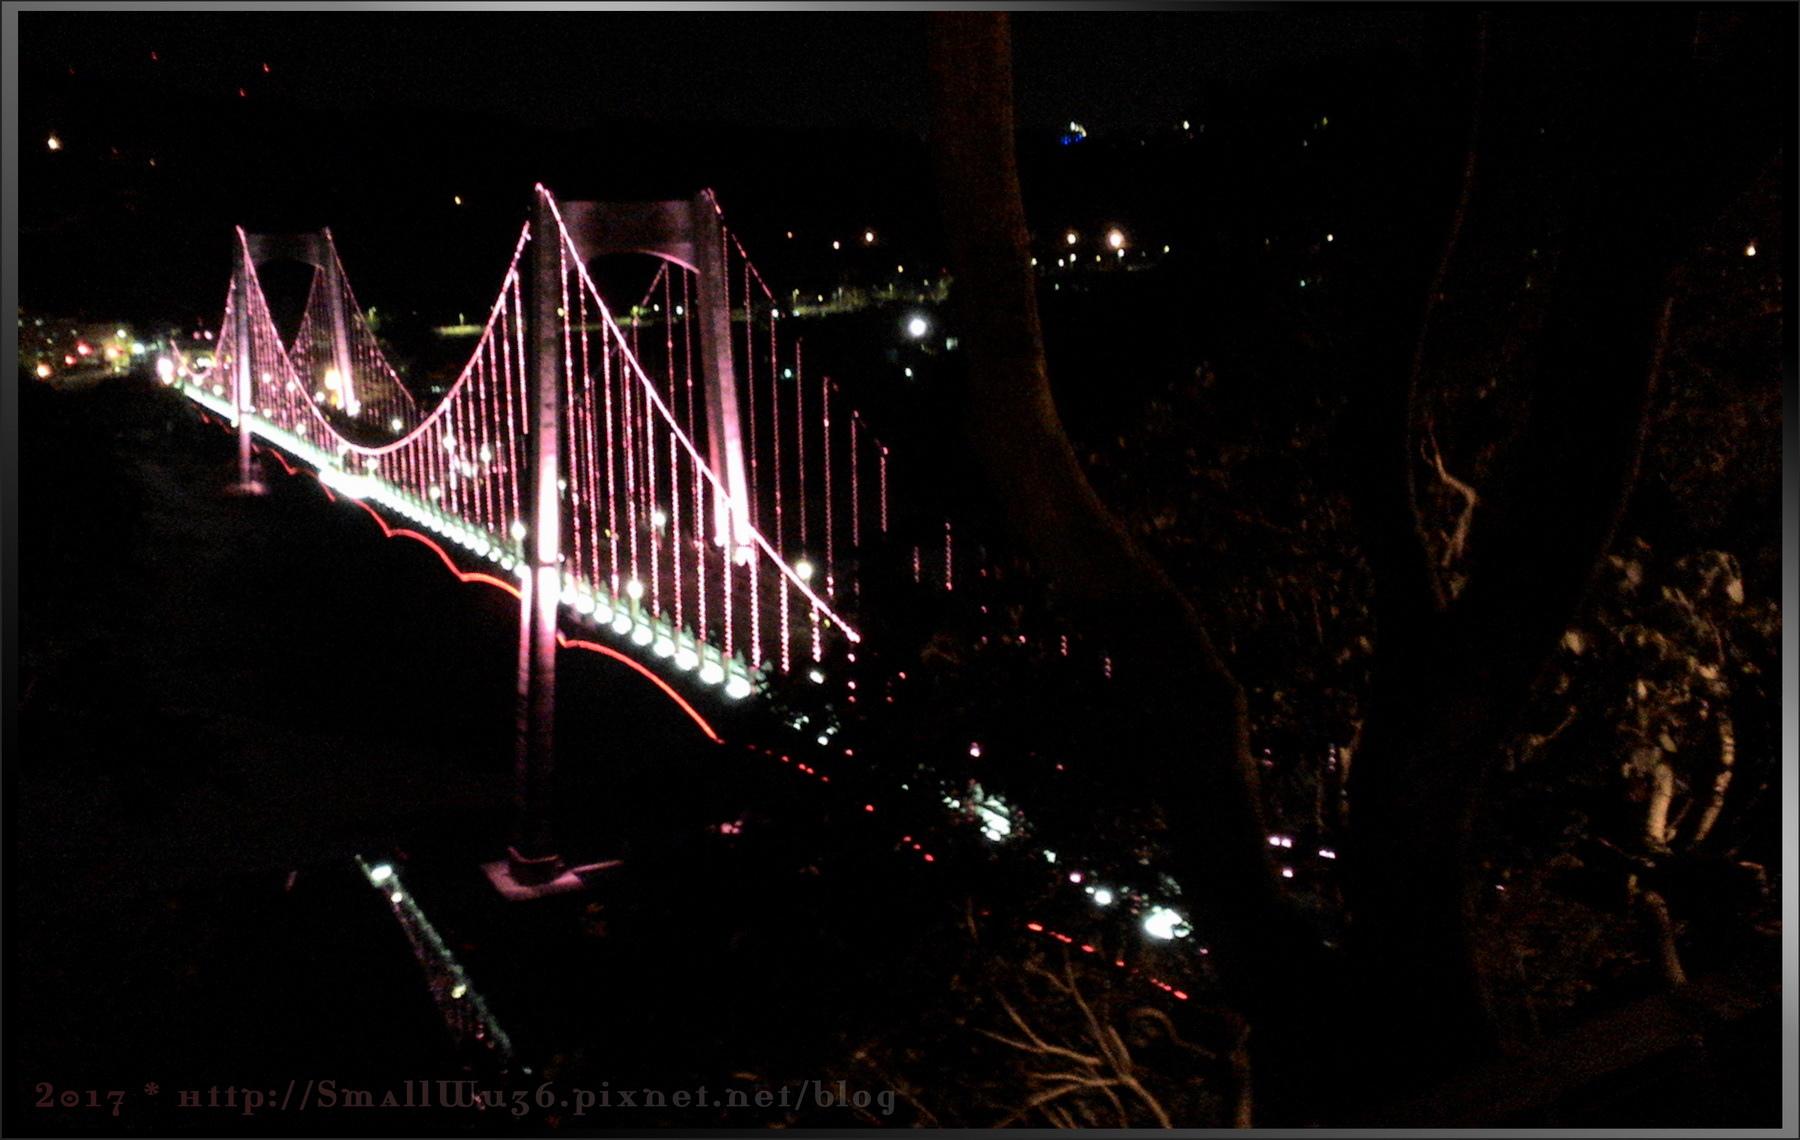 桃園 大溪橋夜景 2017